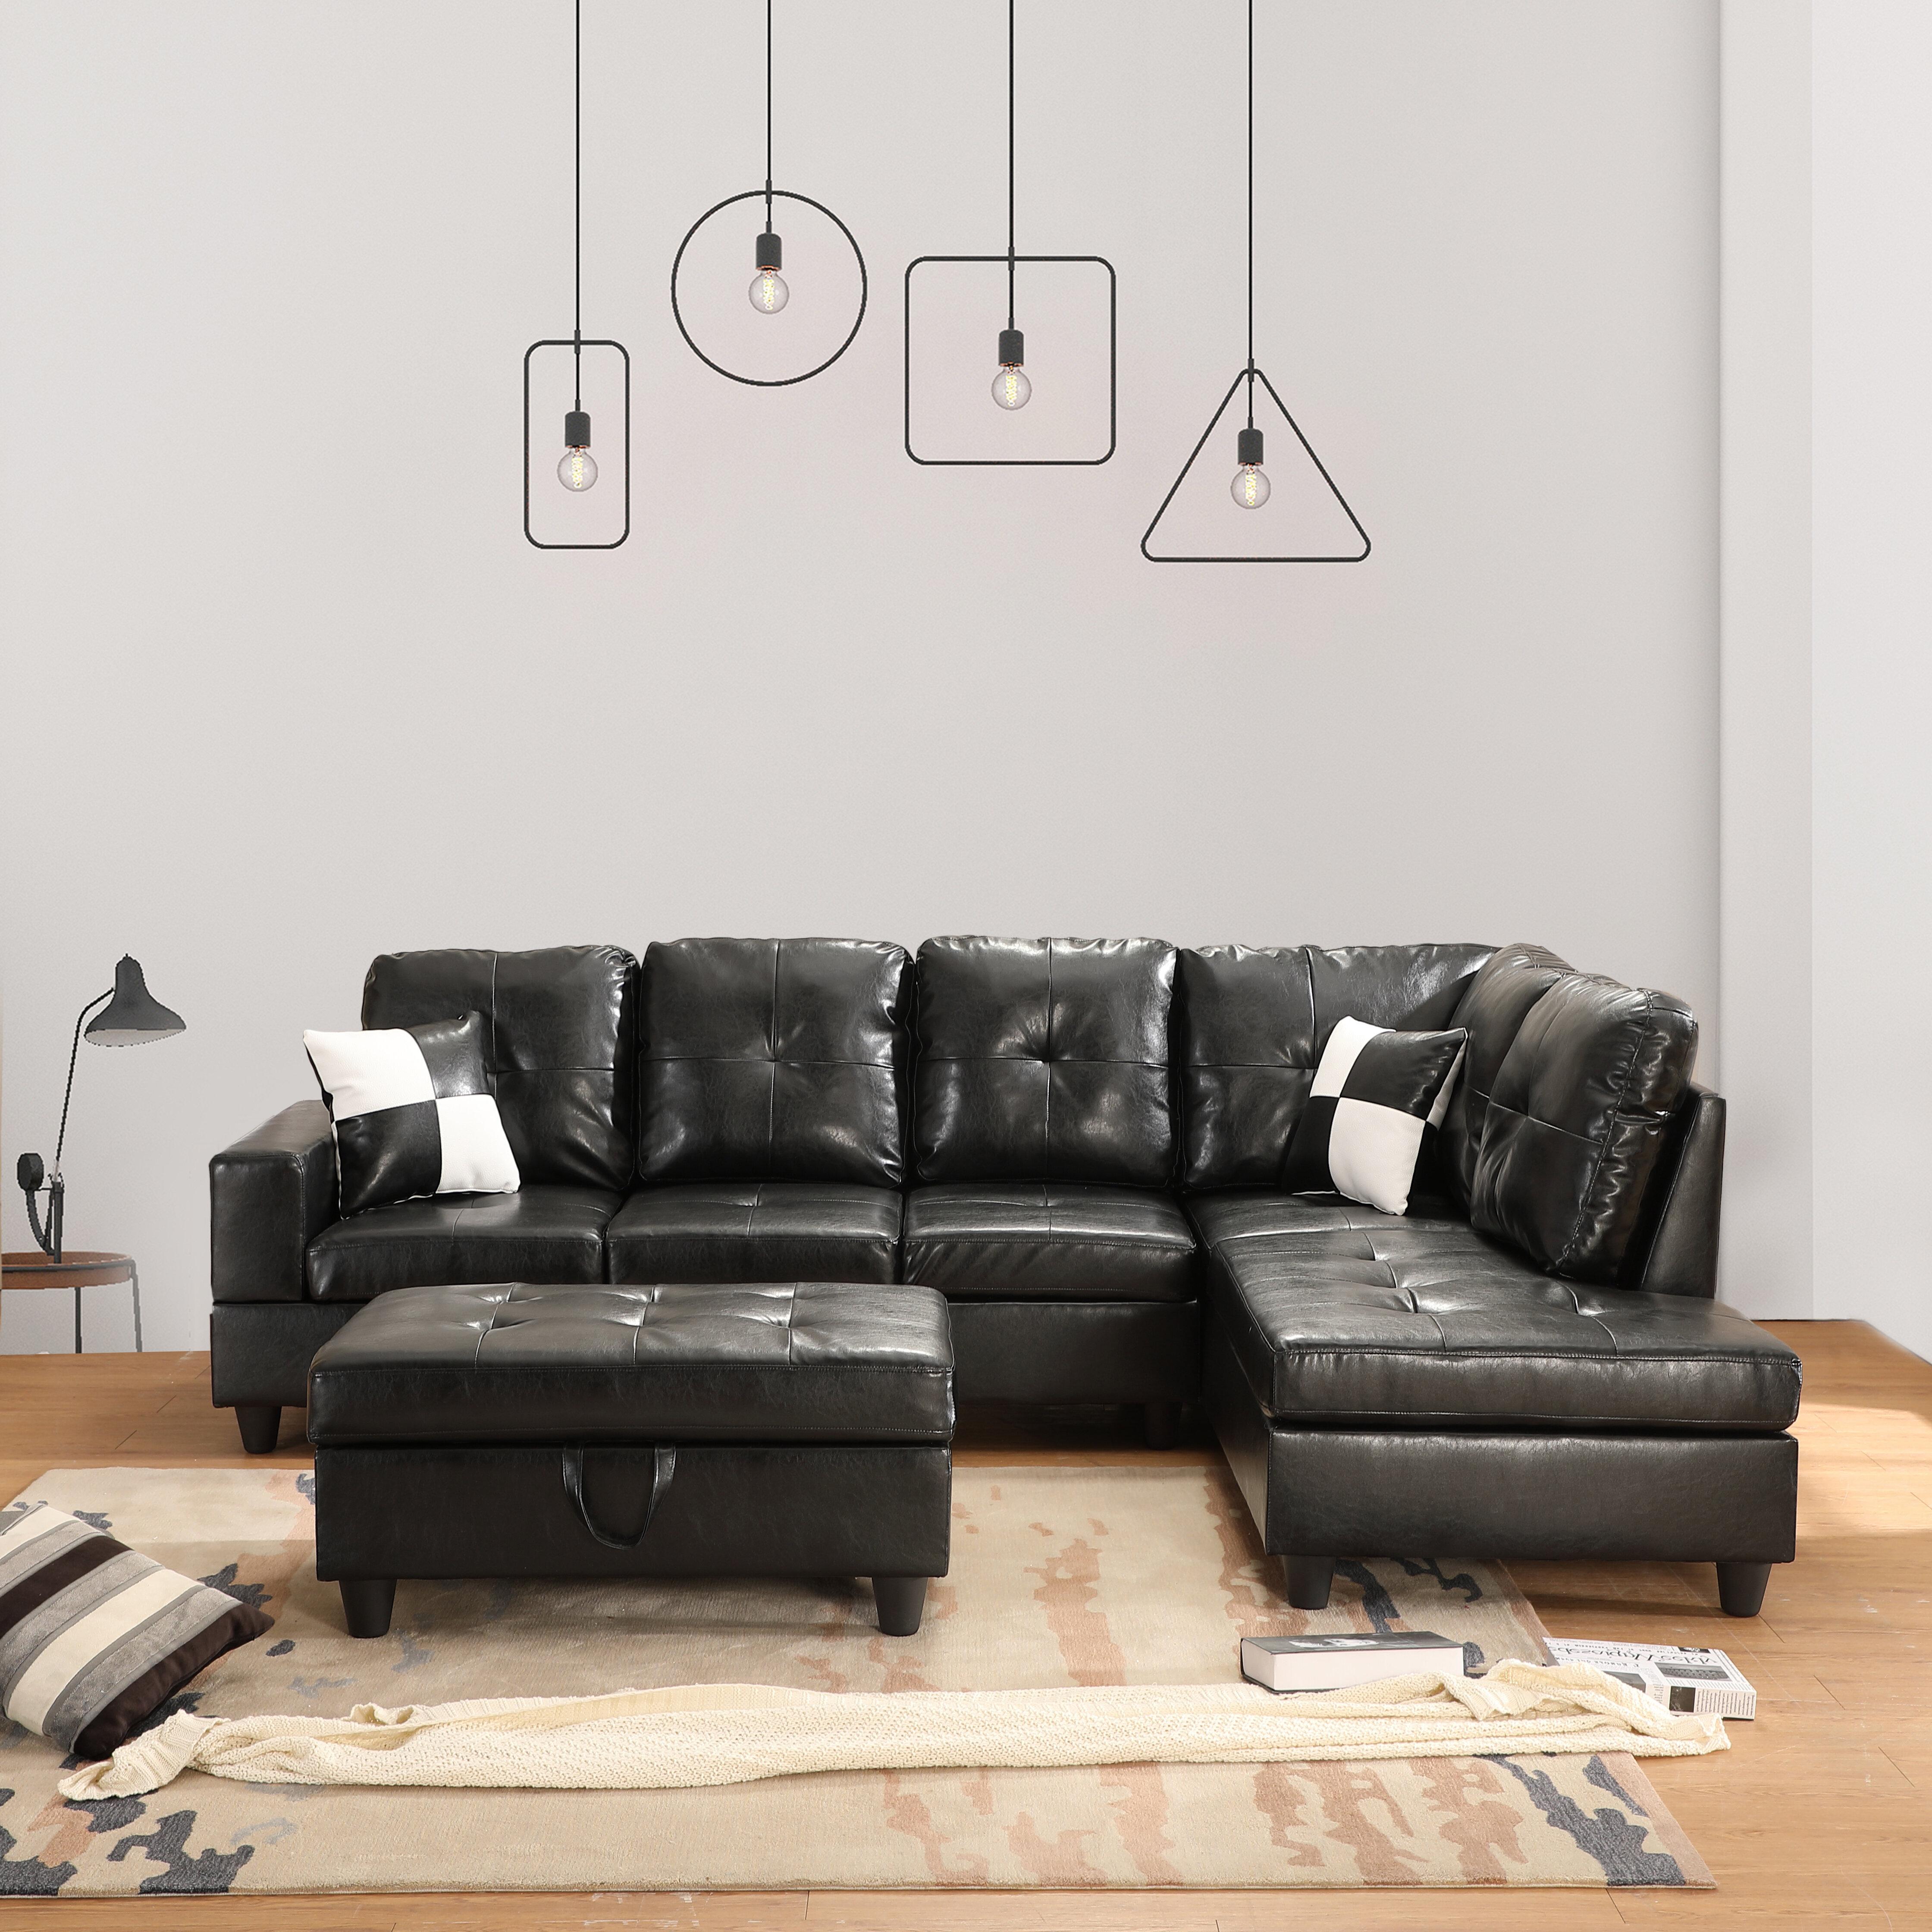 Latitude Run Caitlin Anne 103 5 Faux Leather Sofa Chaise With Ottoman Wayfair